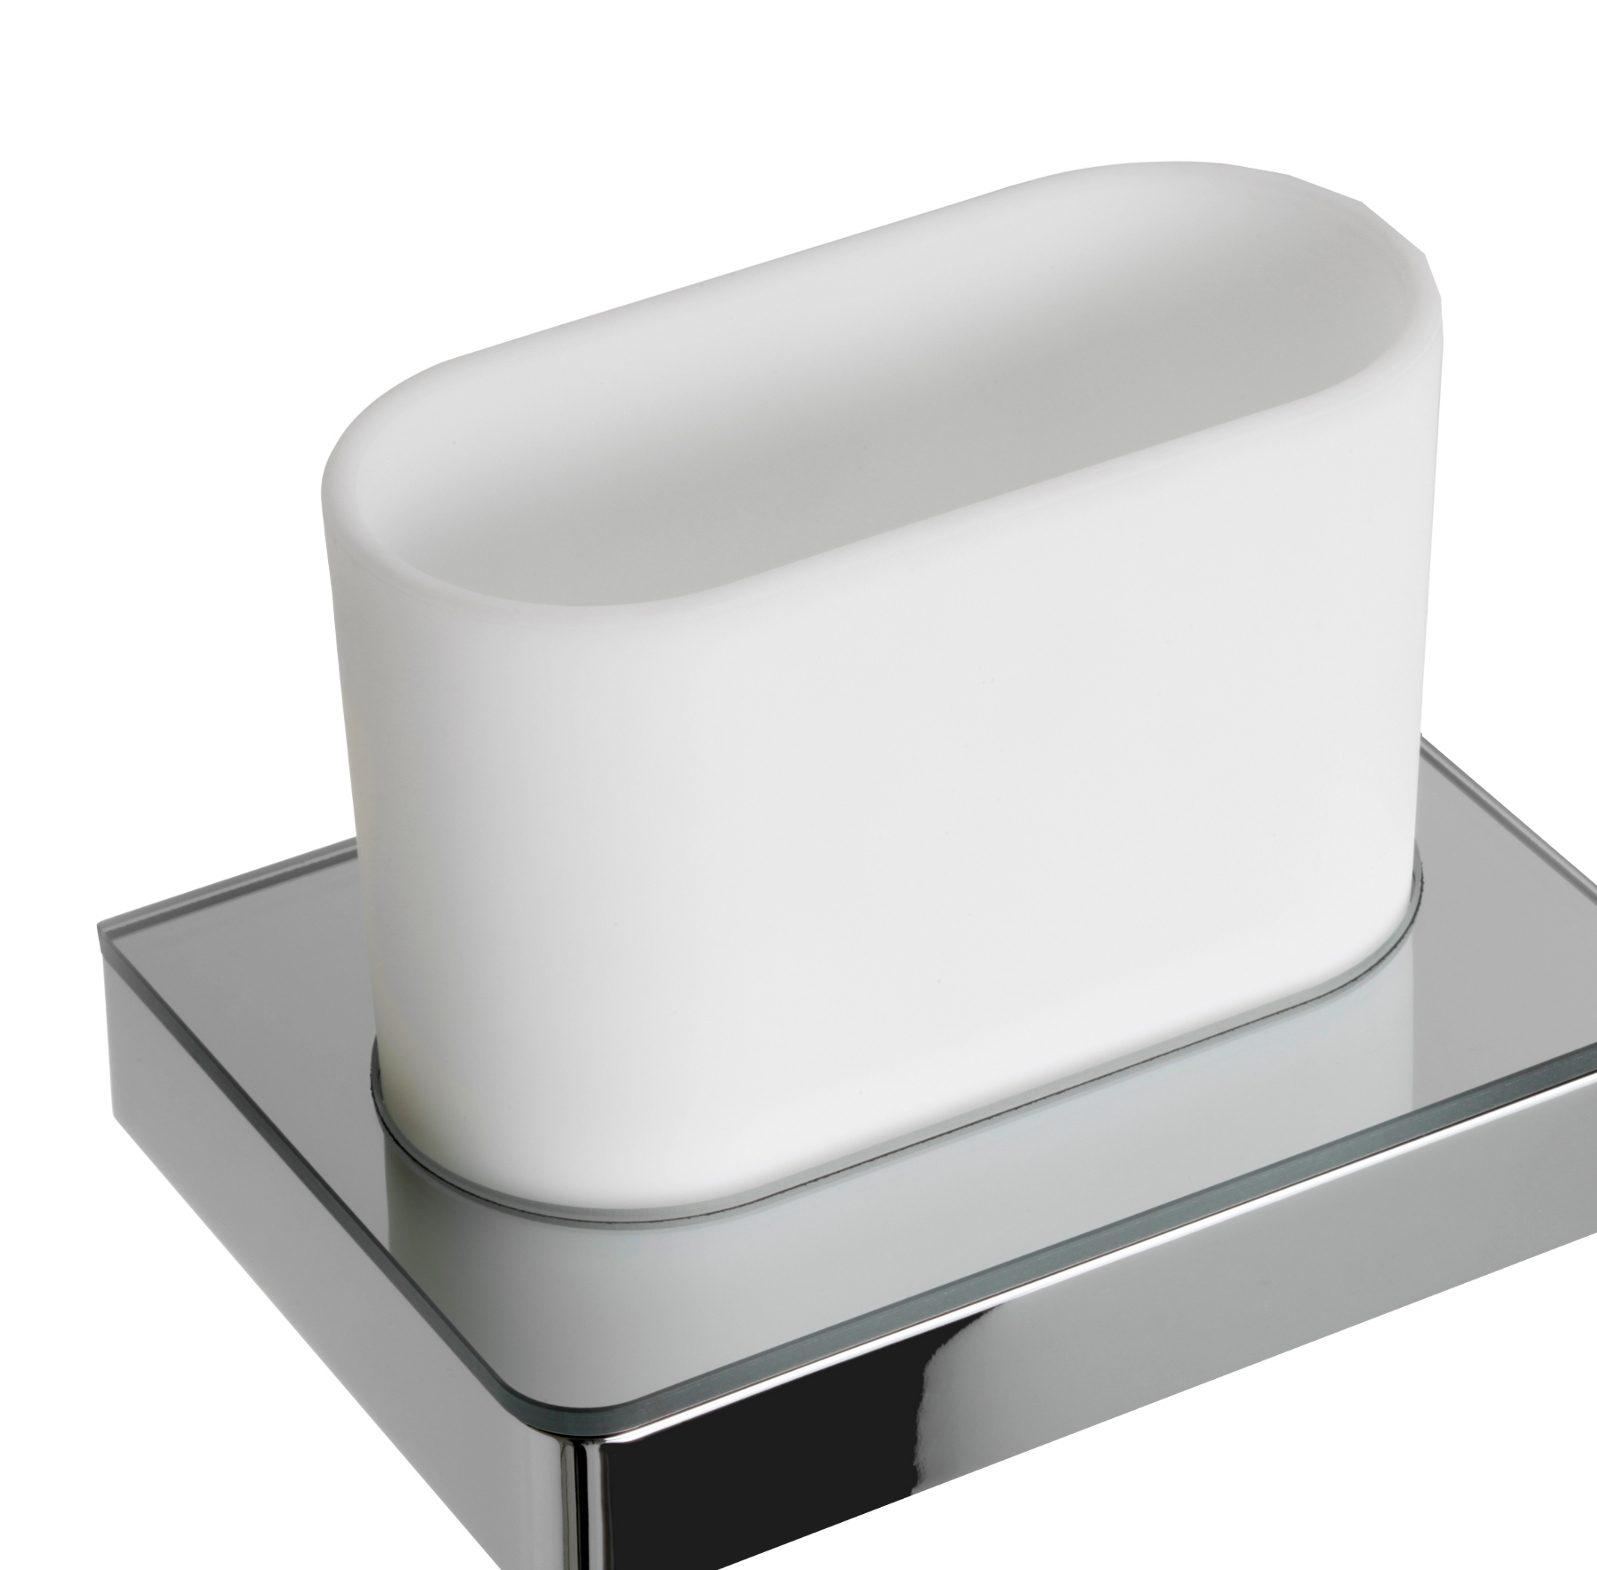 Zahnputzbecher für das Badezimmer